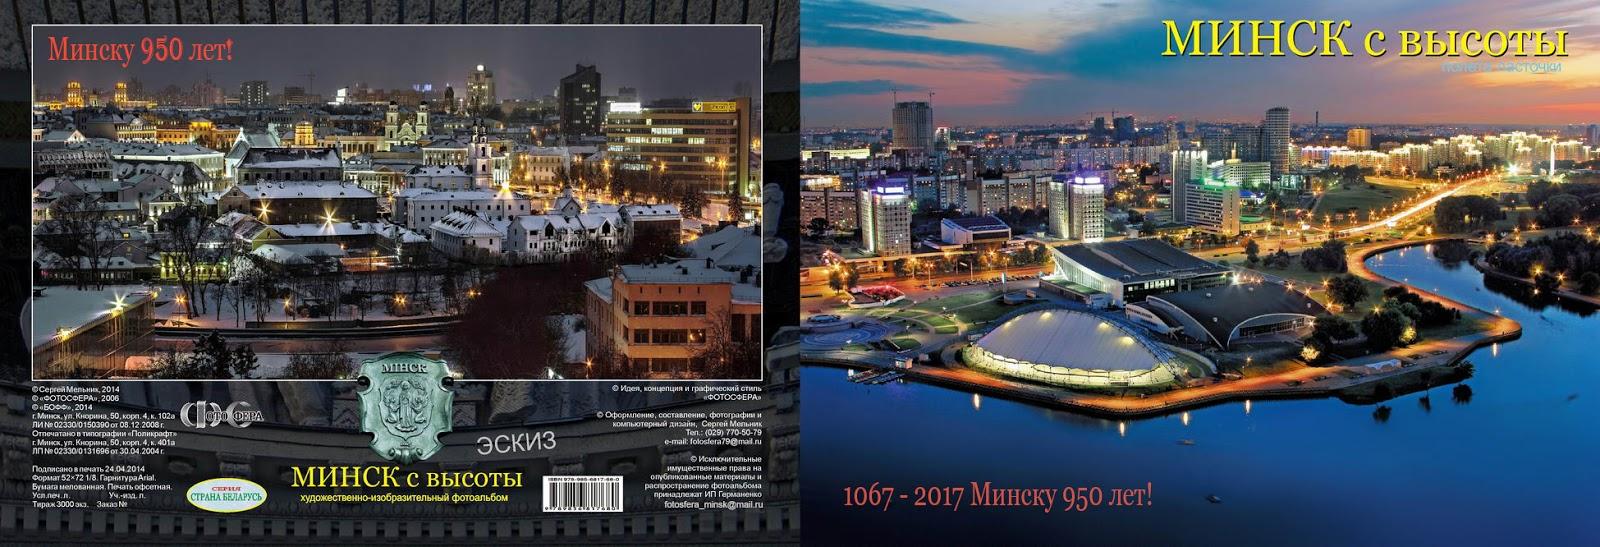 фотоальбом «Вечерний Минск с высоты» с символикой «Минску 950 лет».